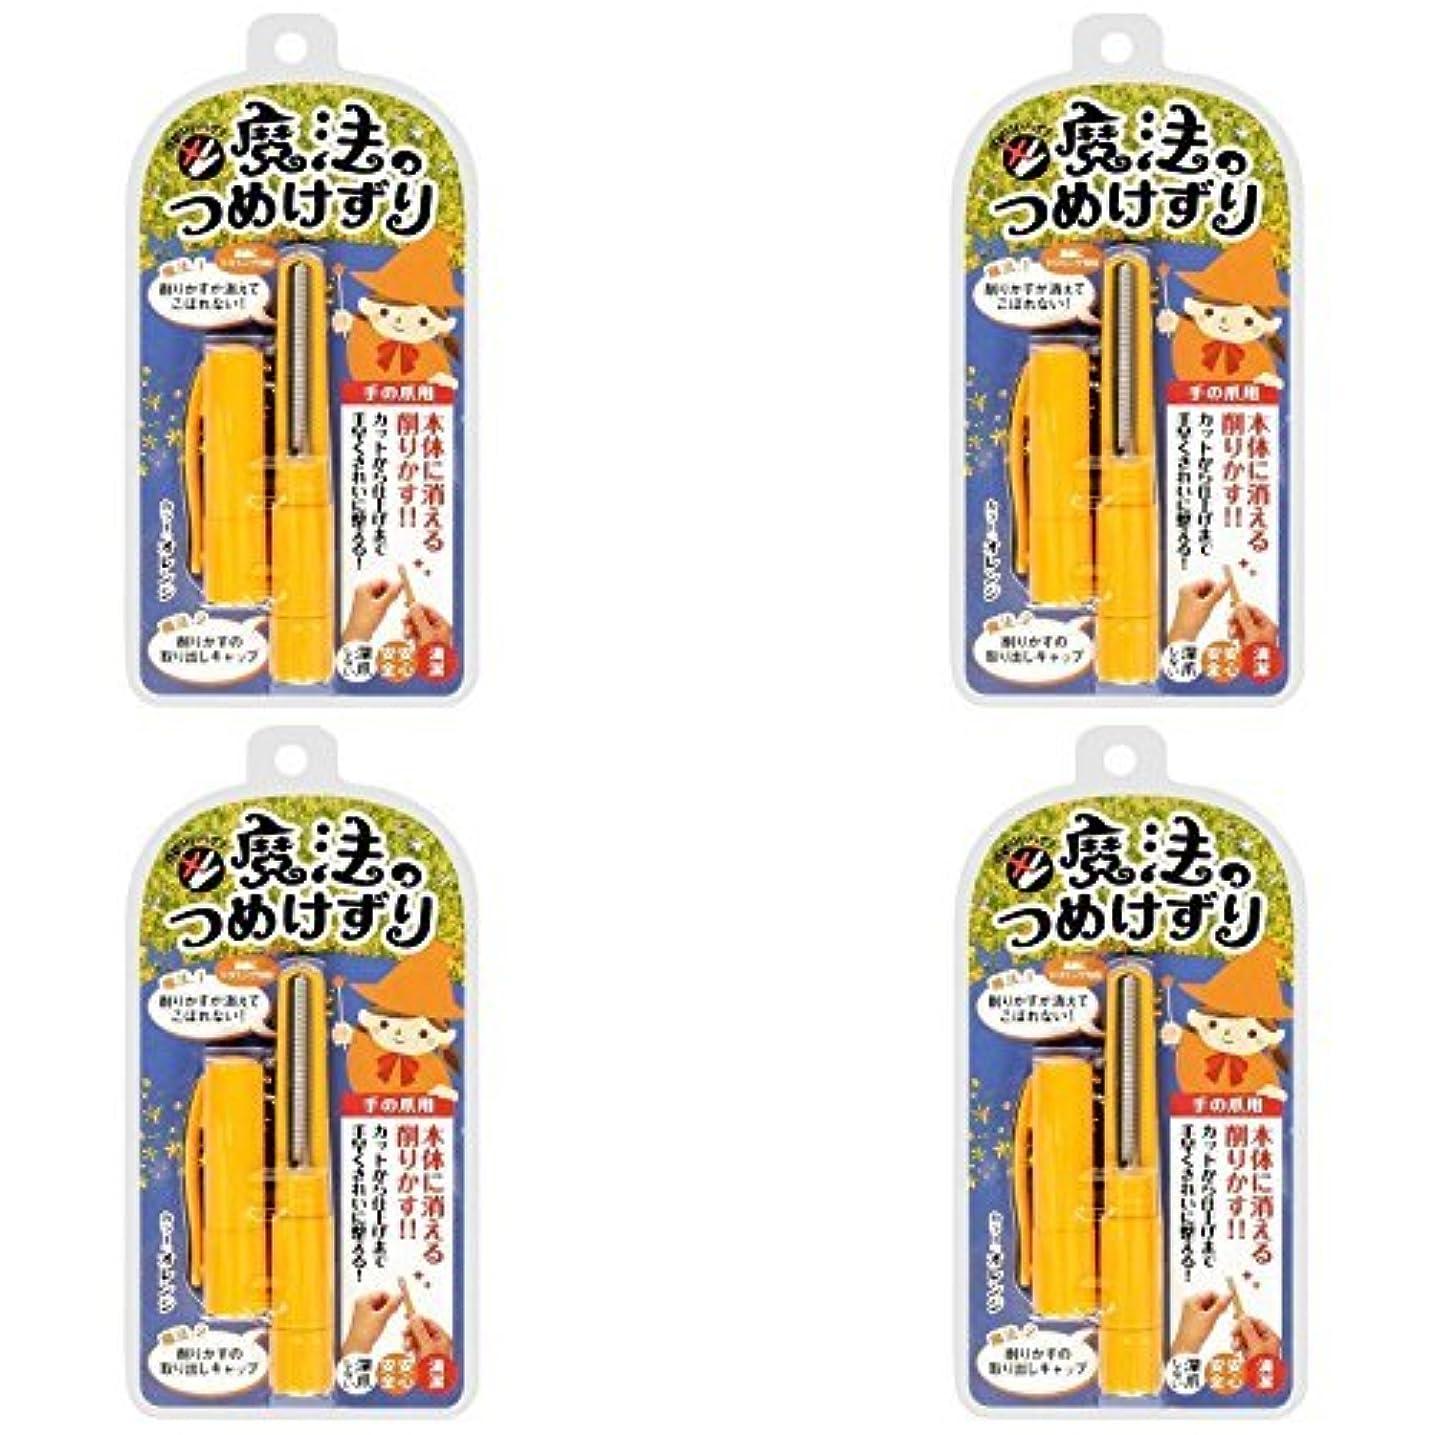 ポンペイお手入れ【セット品】松本金型 魔法のつめけずり MM-090 オレンジ ×4個